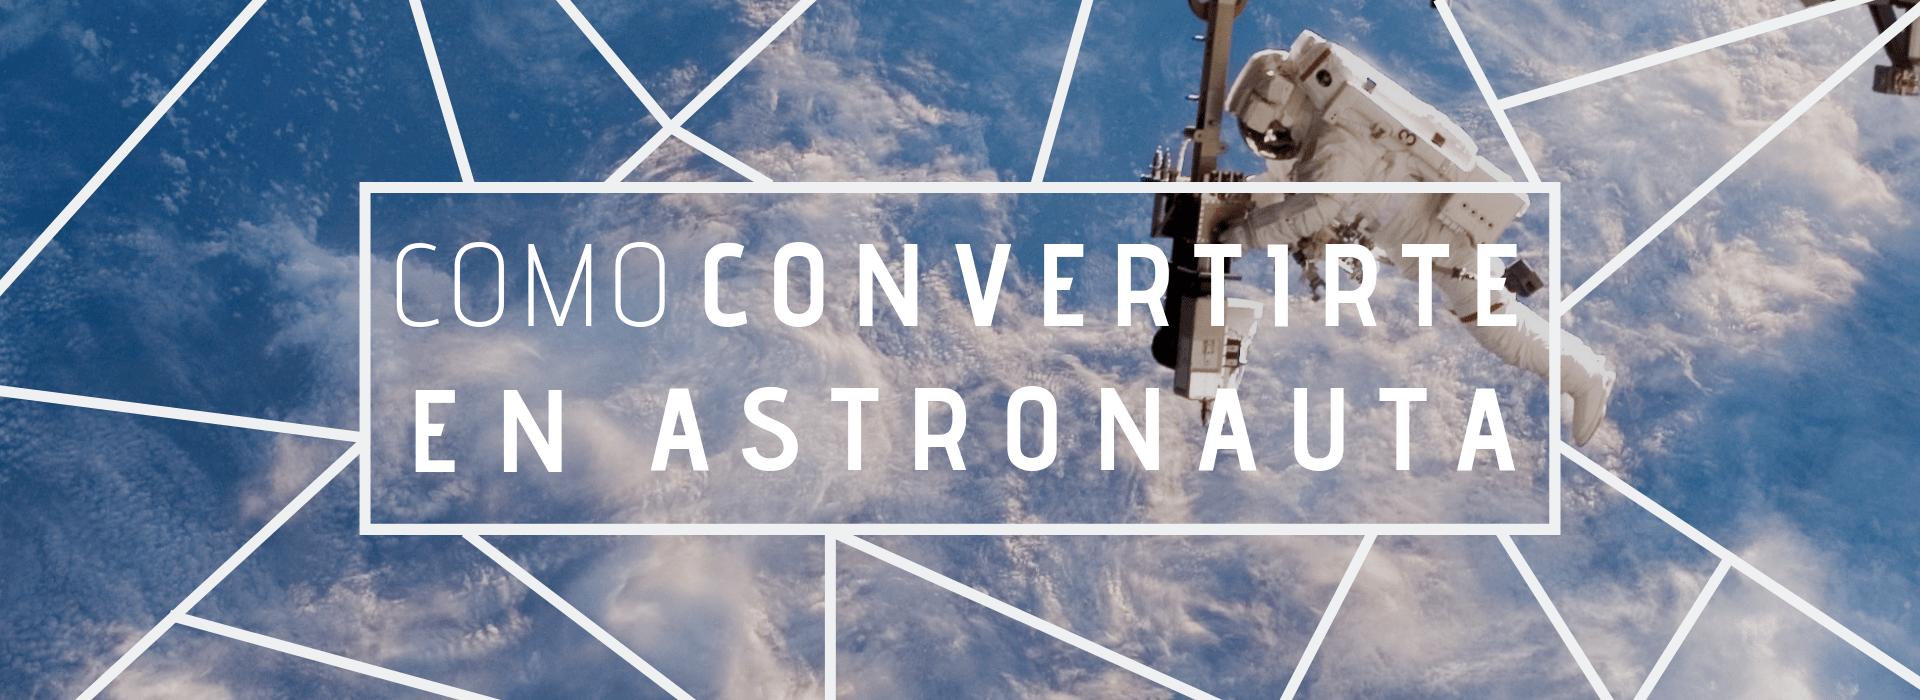 como convertite en astronauta